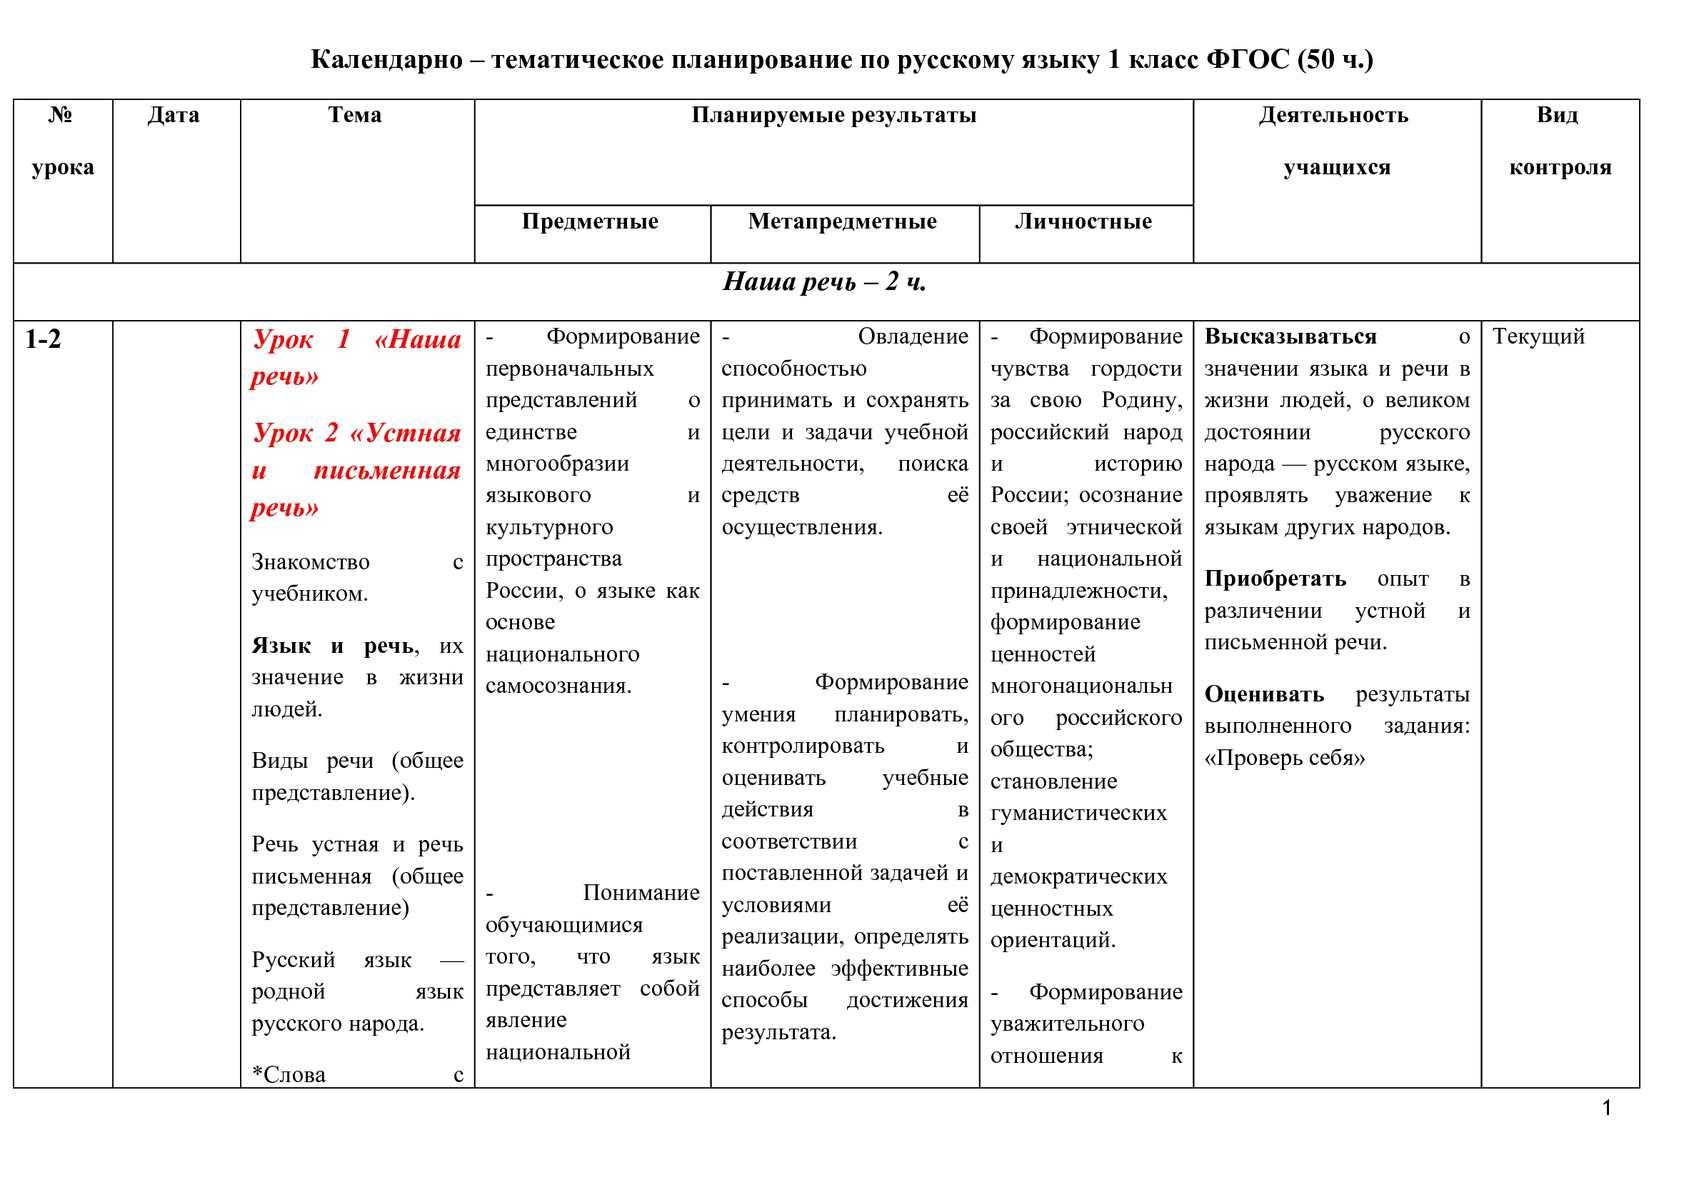 знакомство с учебником русский язык наша речь 2 класс